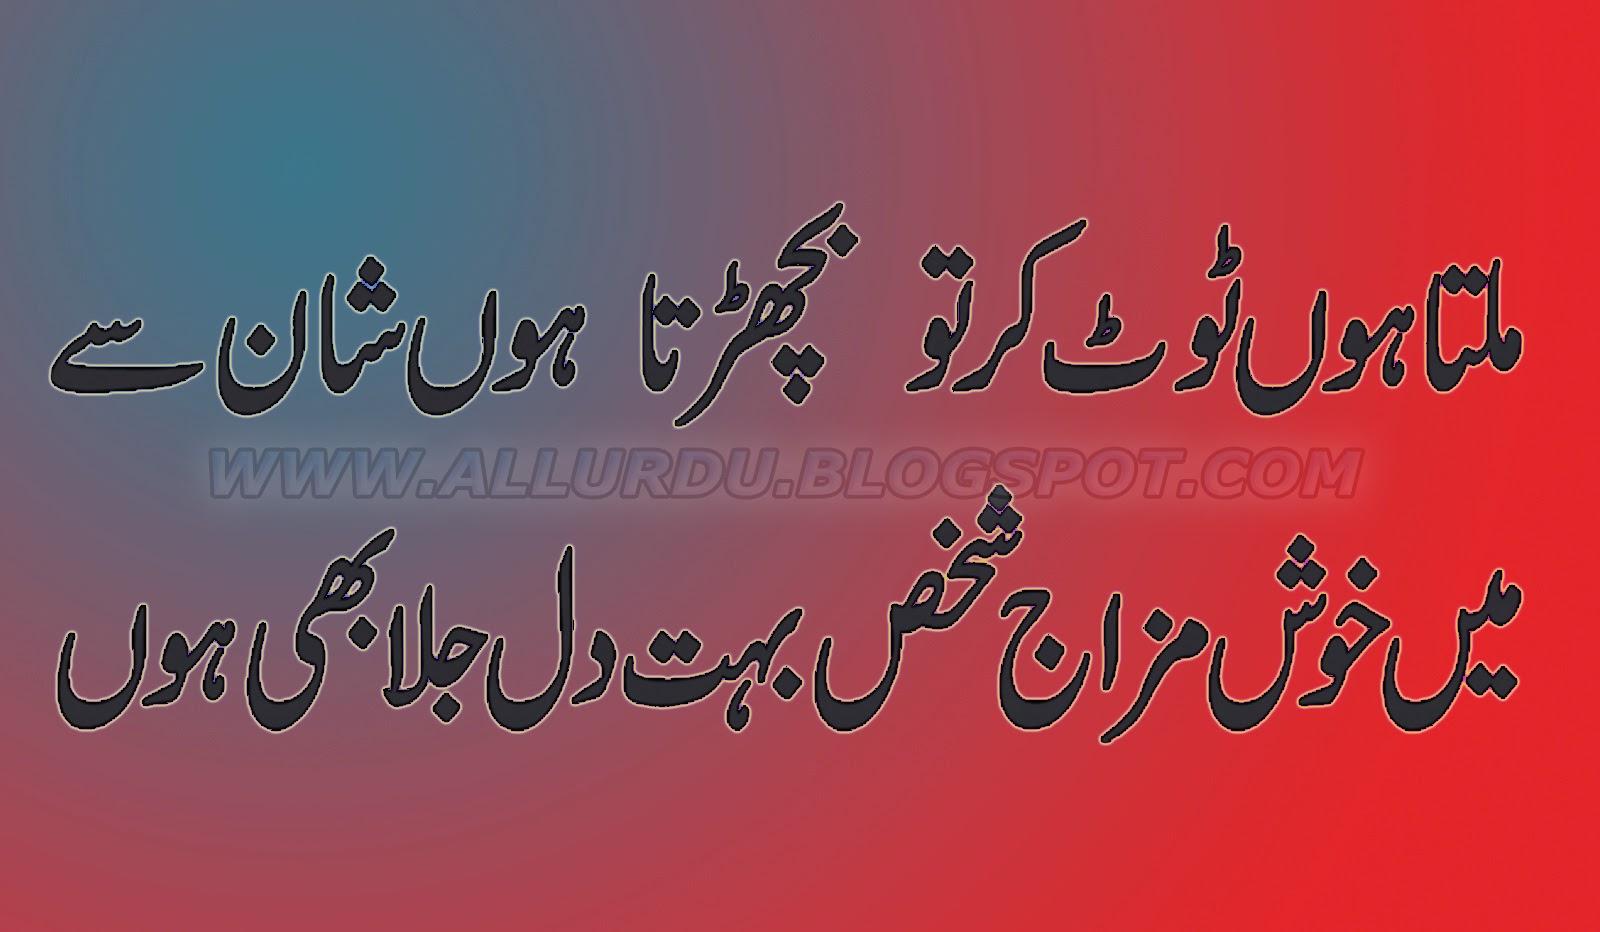 2 lines poetry,sad poetry,short poetry,shairi, urdu poeetry,allurdu.blogspot, Abdul Haseeb